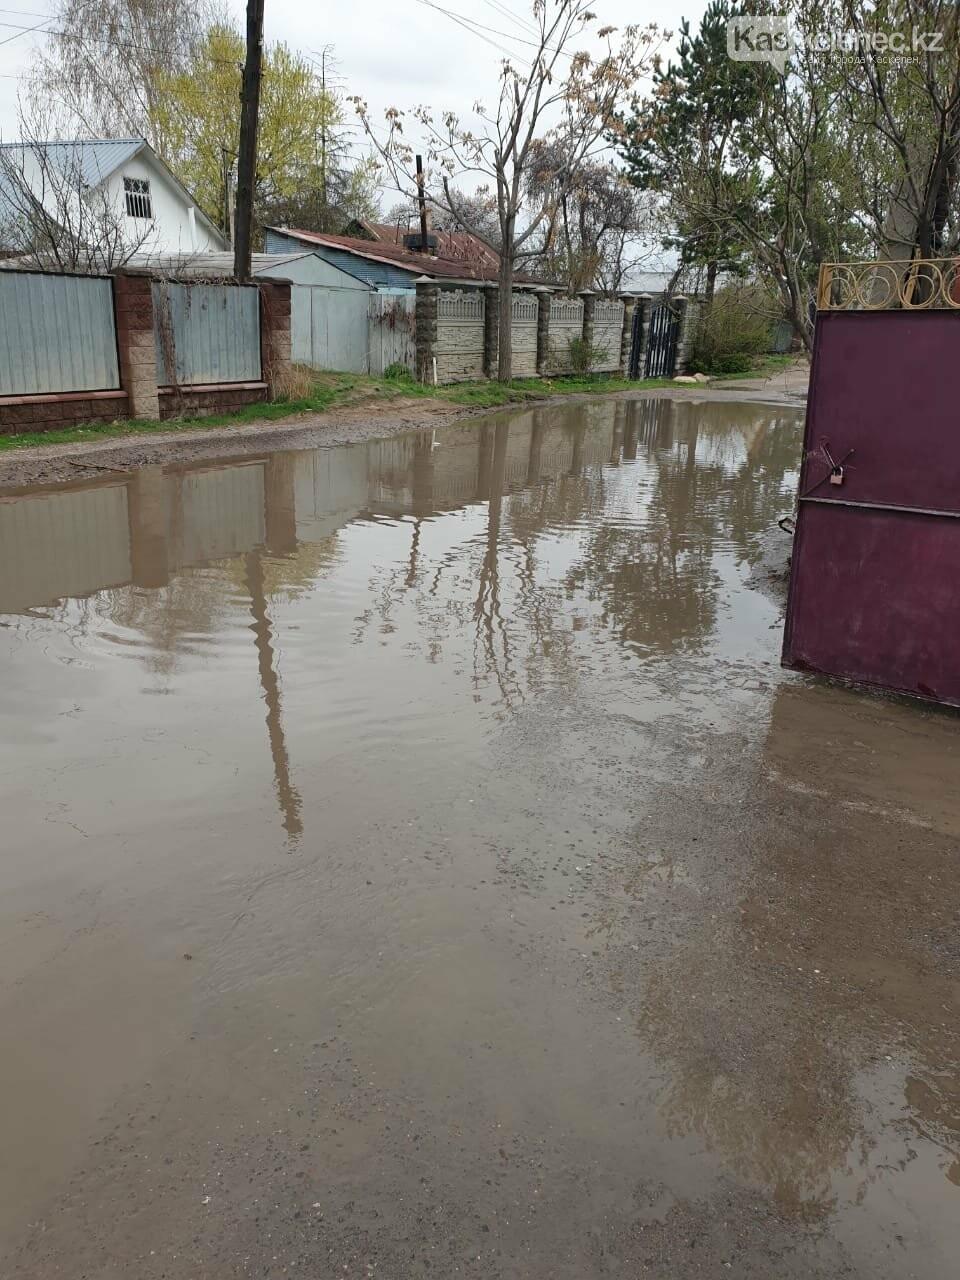 Байжарасовское озеро: после дождей на улицах Каскелена появляются новые водоемы, фото-6